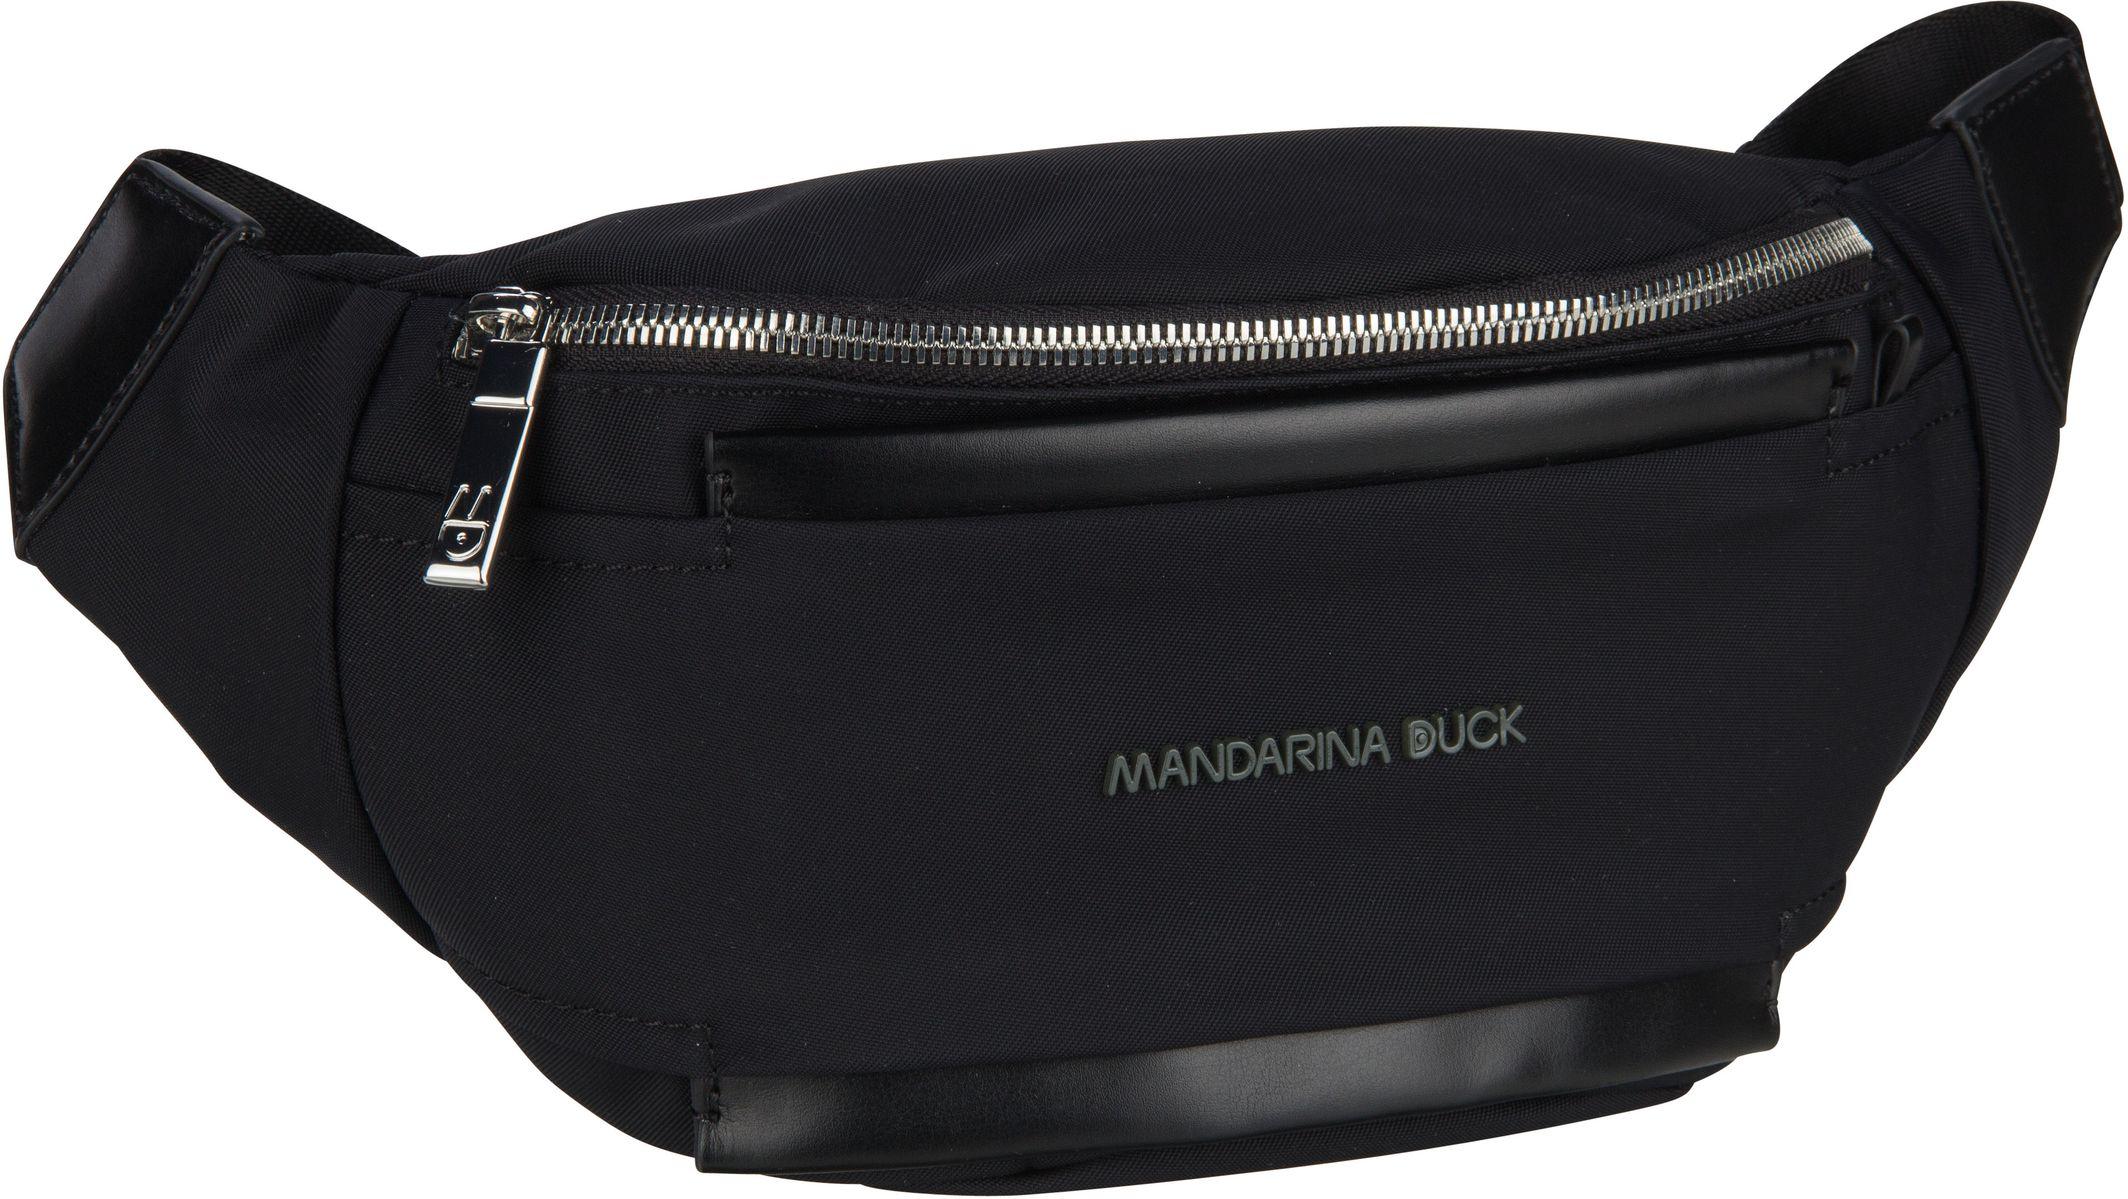 Kleinwaren - Mandarina Duck Gürteltasche Daphne Bum Bag PDT09 Black  - Onlineshop Taschenkaufhaus